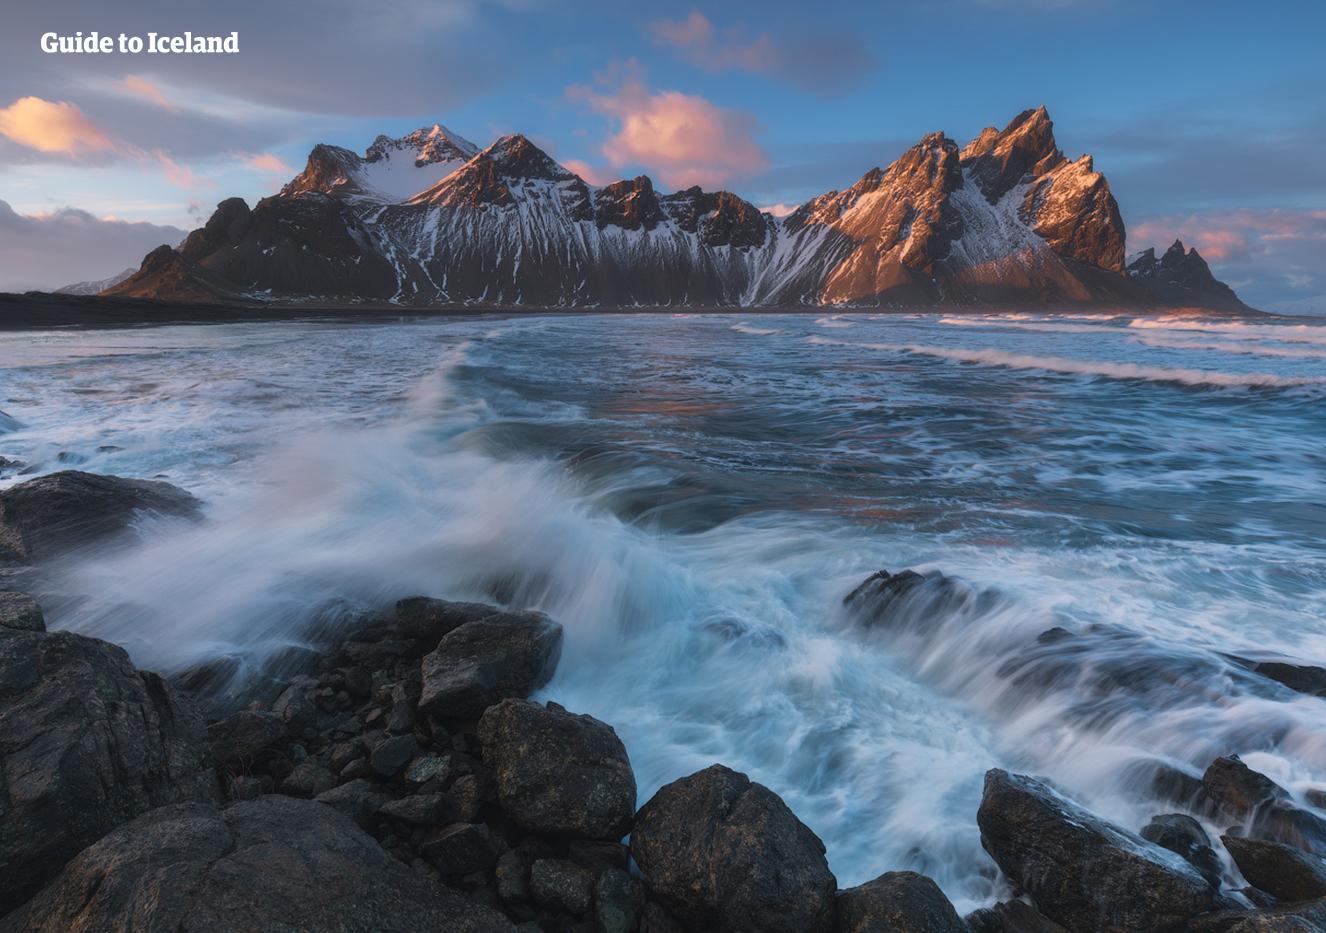 冰岛东部地区多奇山,海岸景色也开阔而壮观